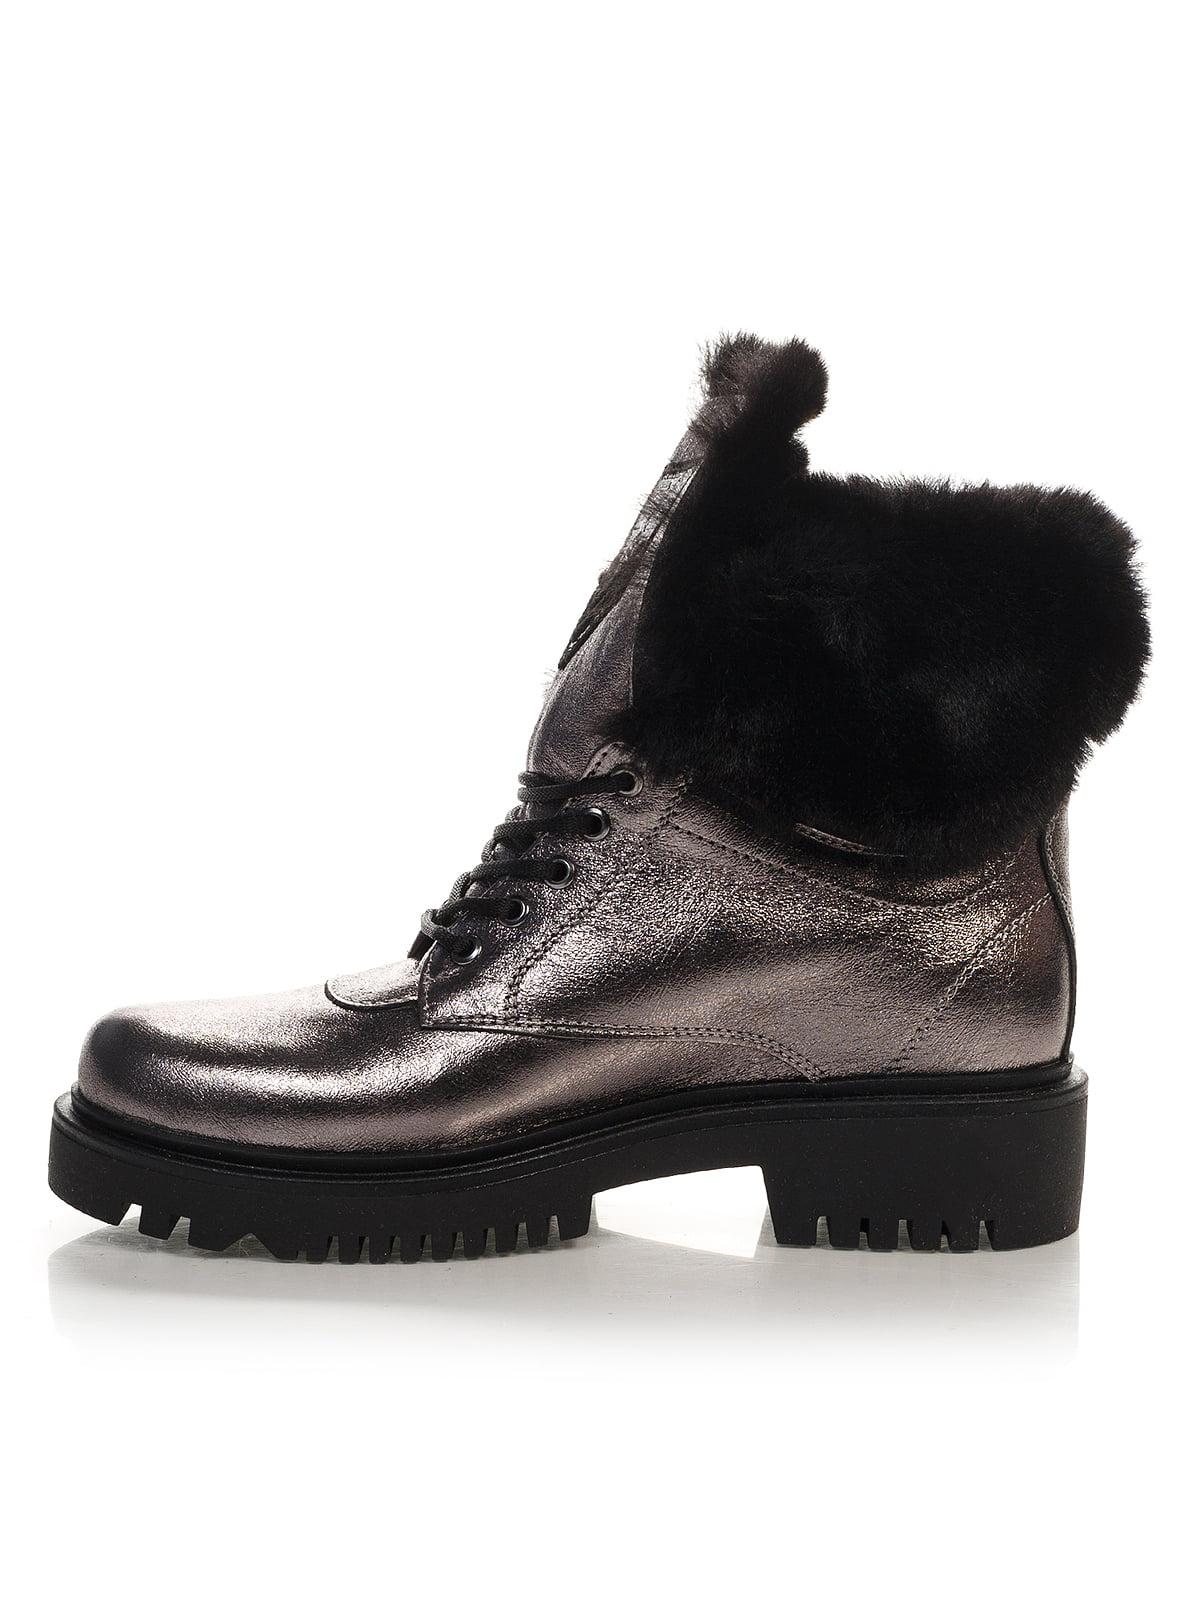 Ботинки серебристого цвета | 4421119 | фото 2